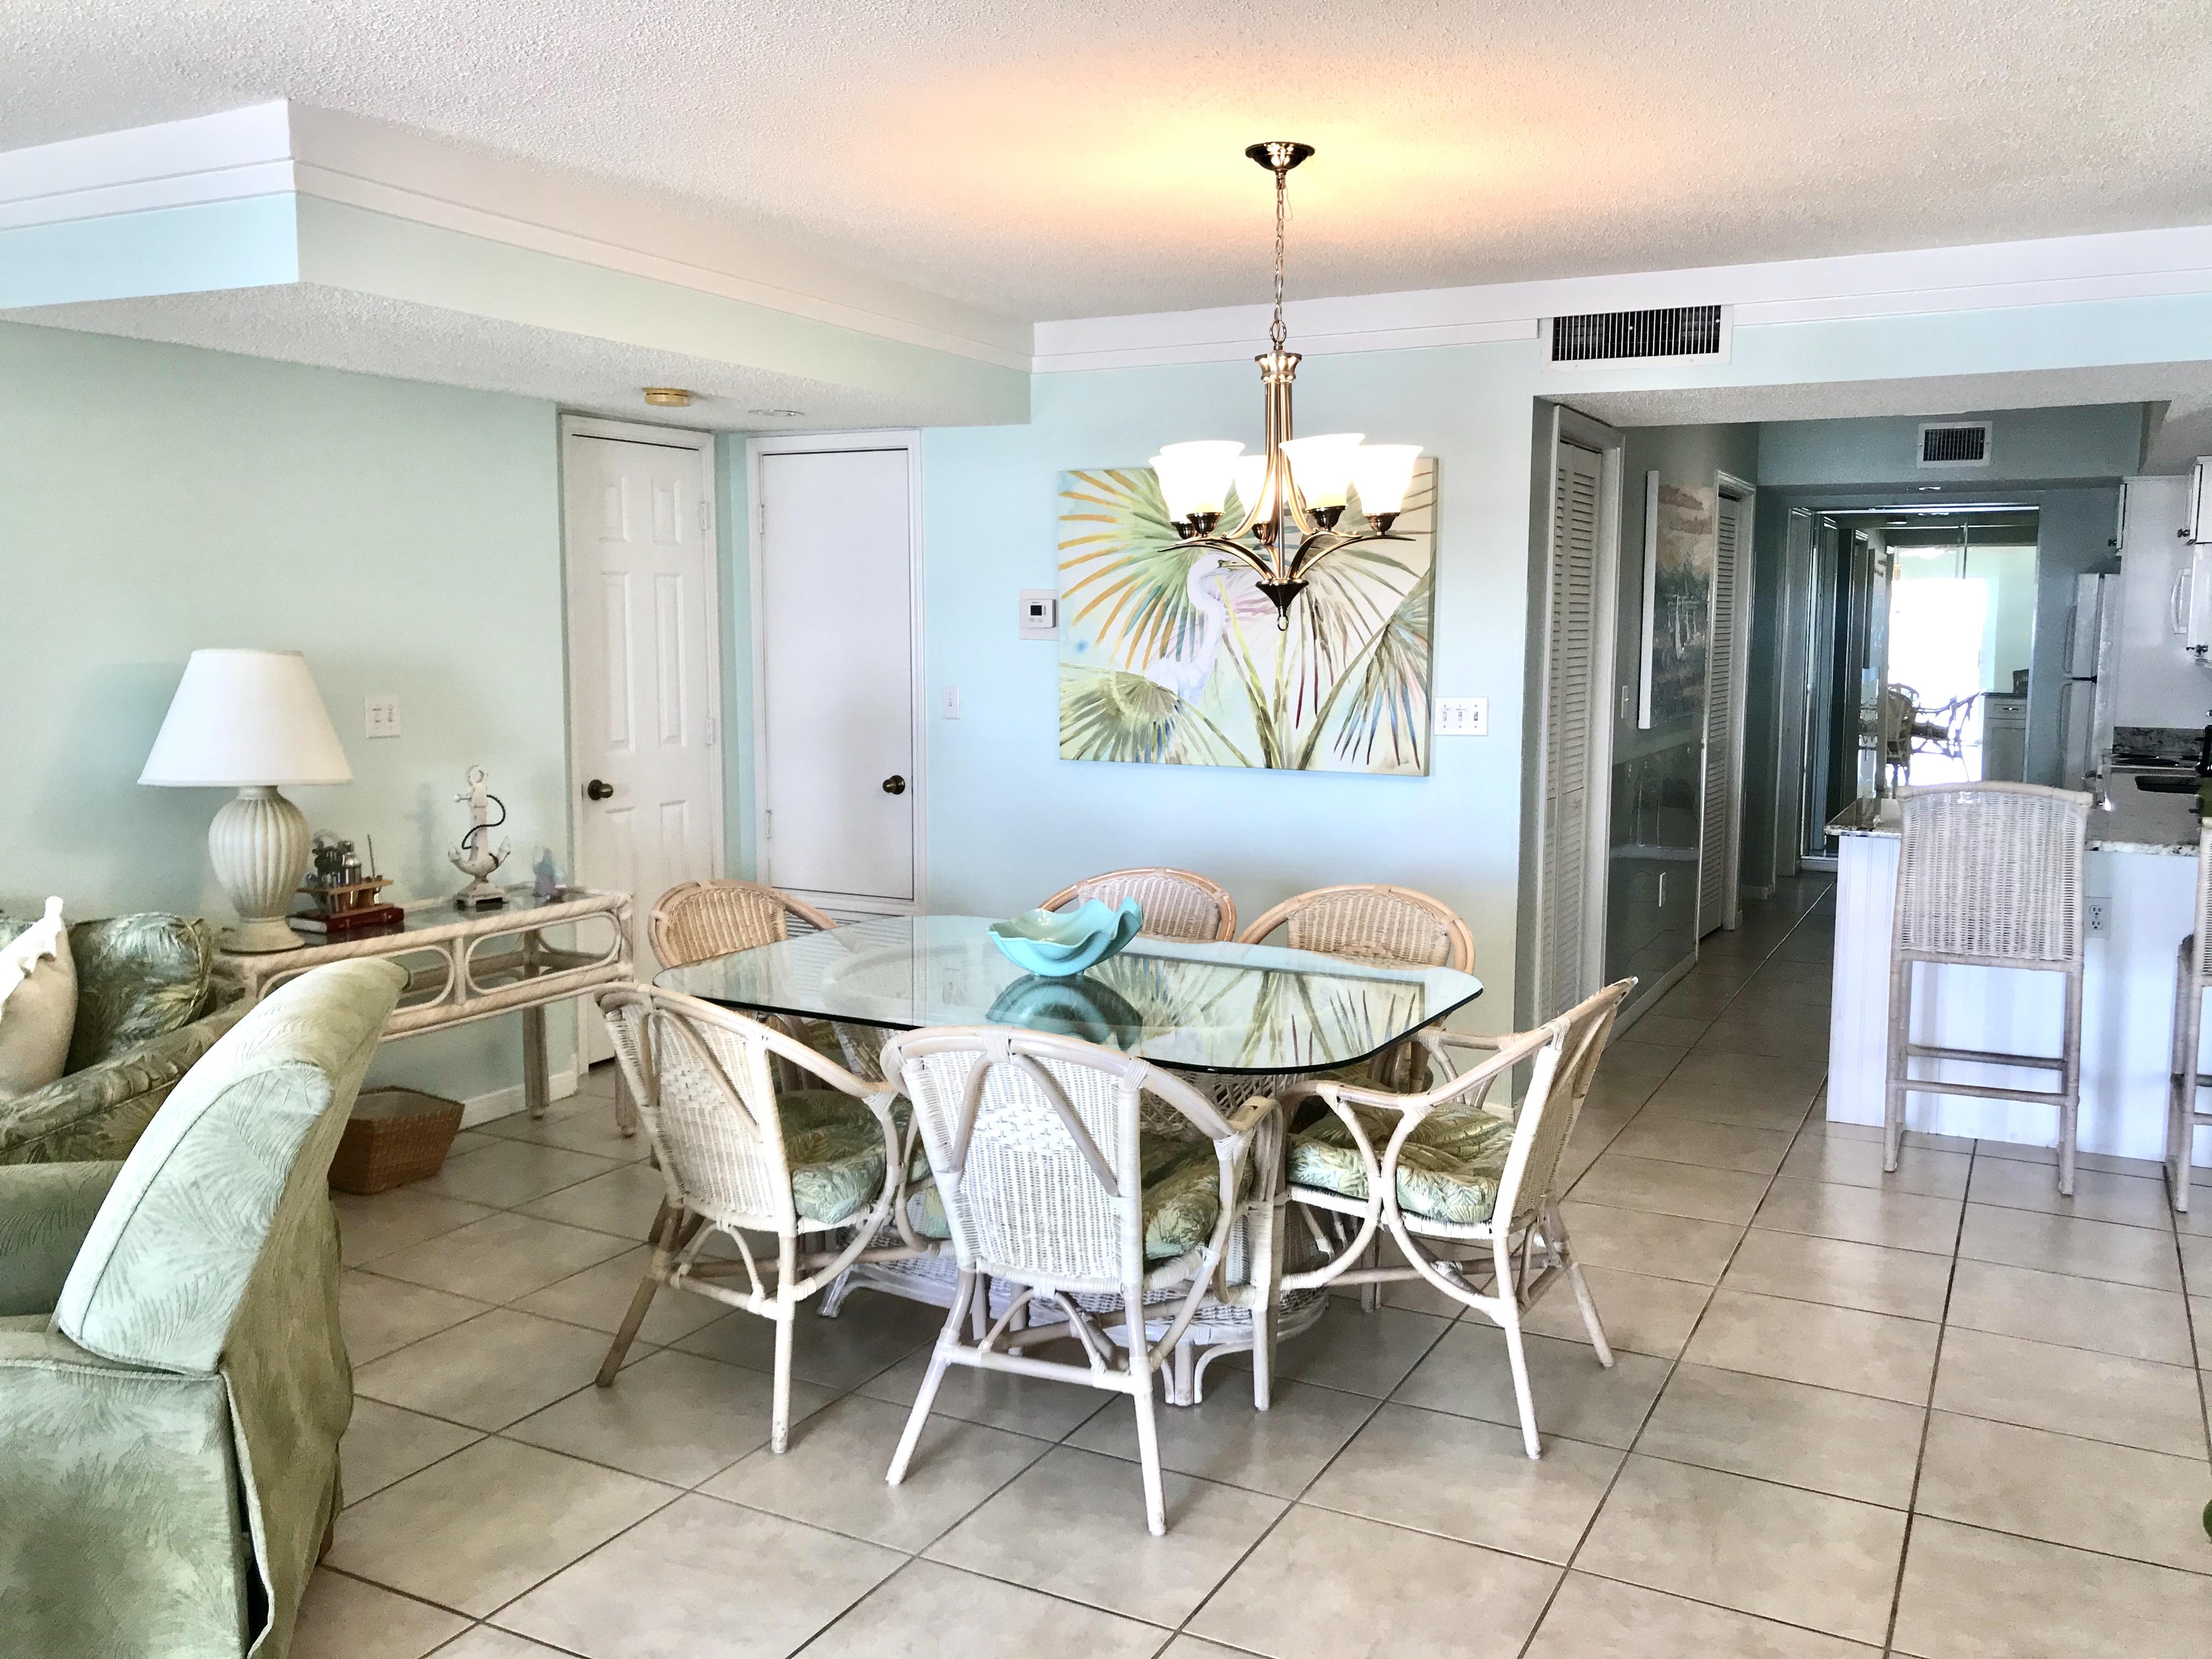 Ocean House 2706 Condo rental in Ocean House - Gulf Shores in Gulf Shores Alabama - #12